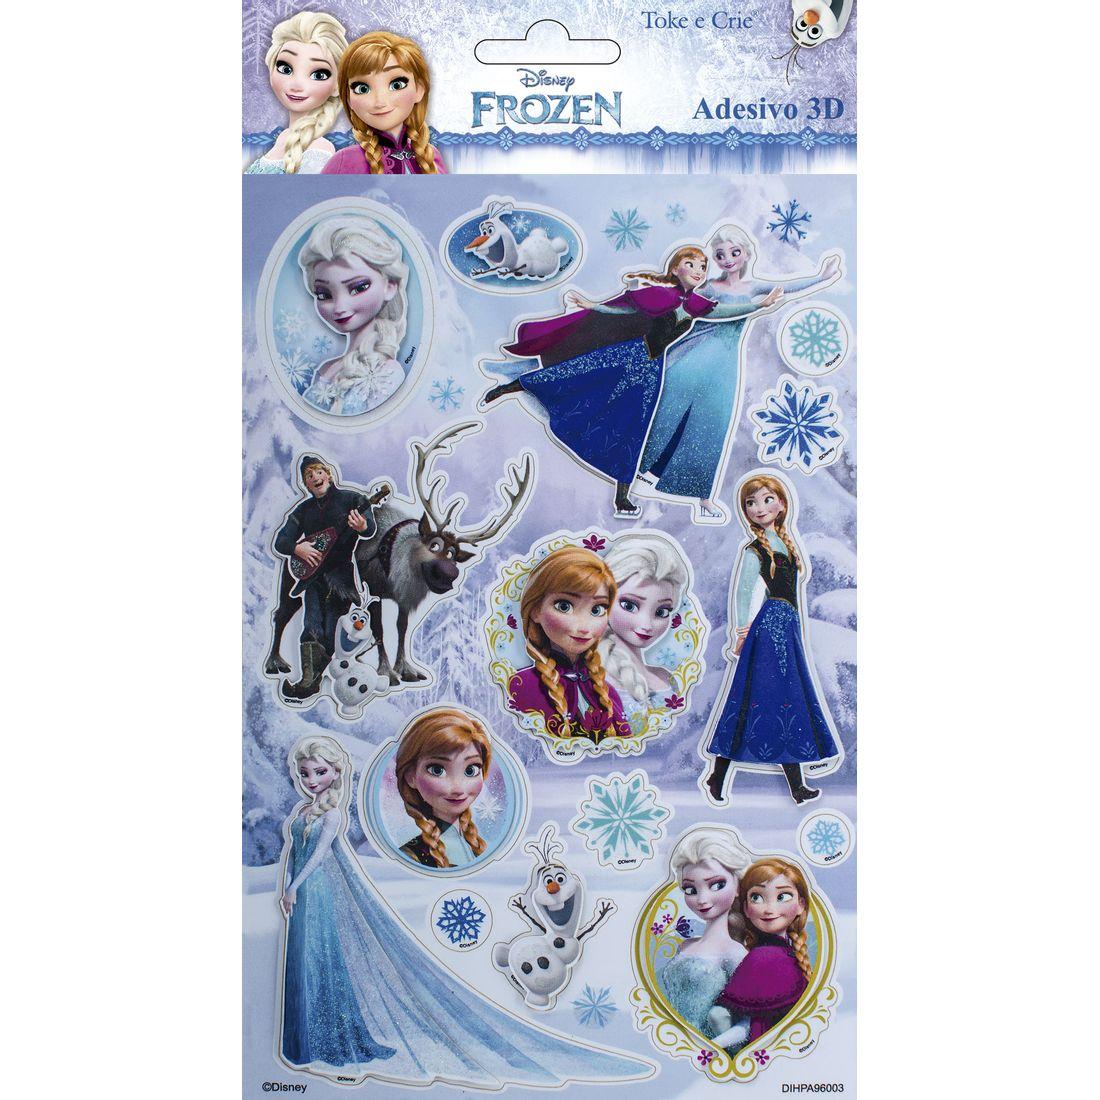 Adesivo-3D-14X21cm-Frozen-Add07-Toke-e-Crie